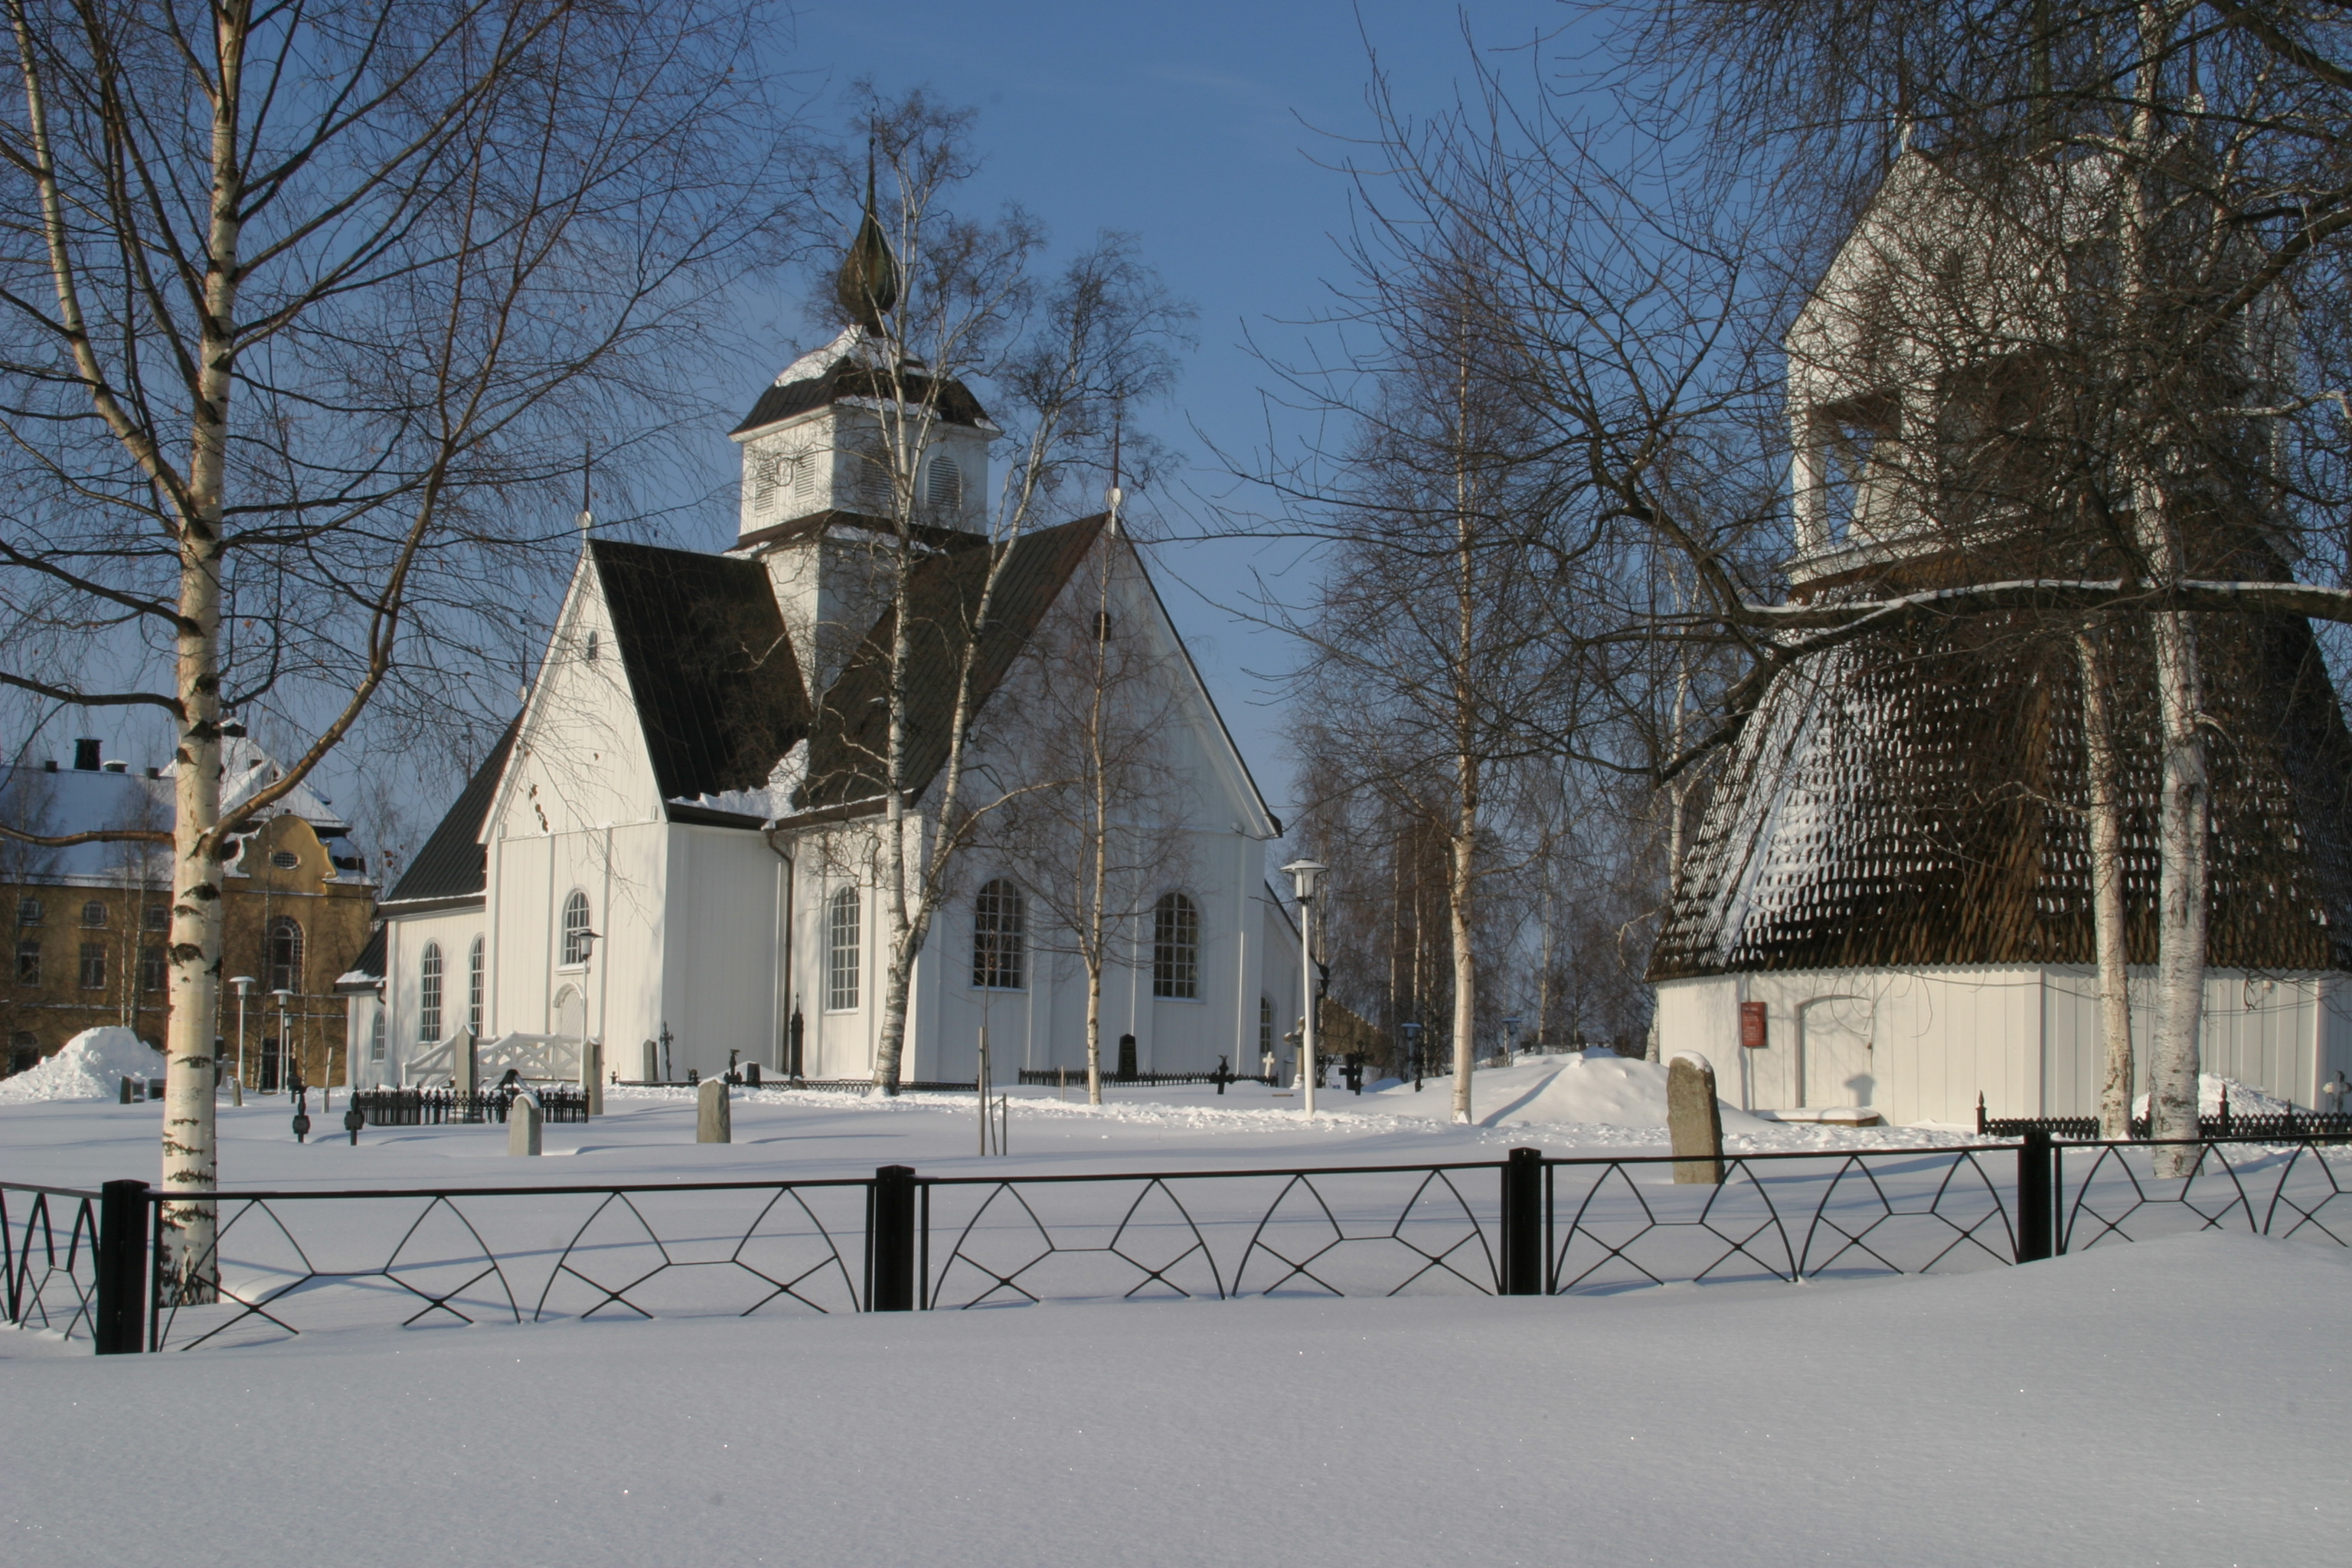 Exteriör Piteå kyrka vinter